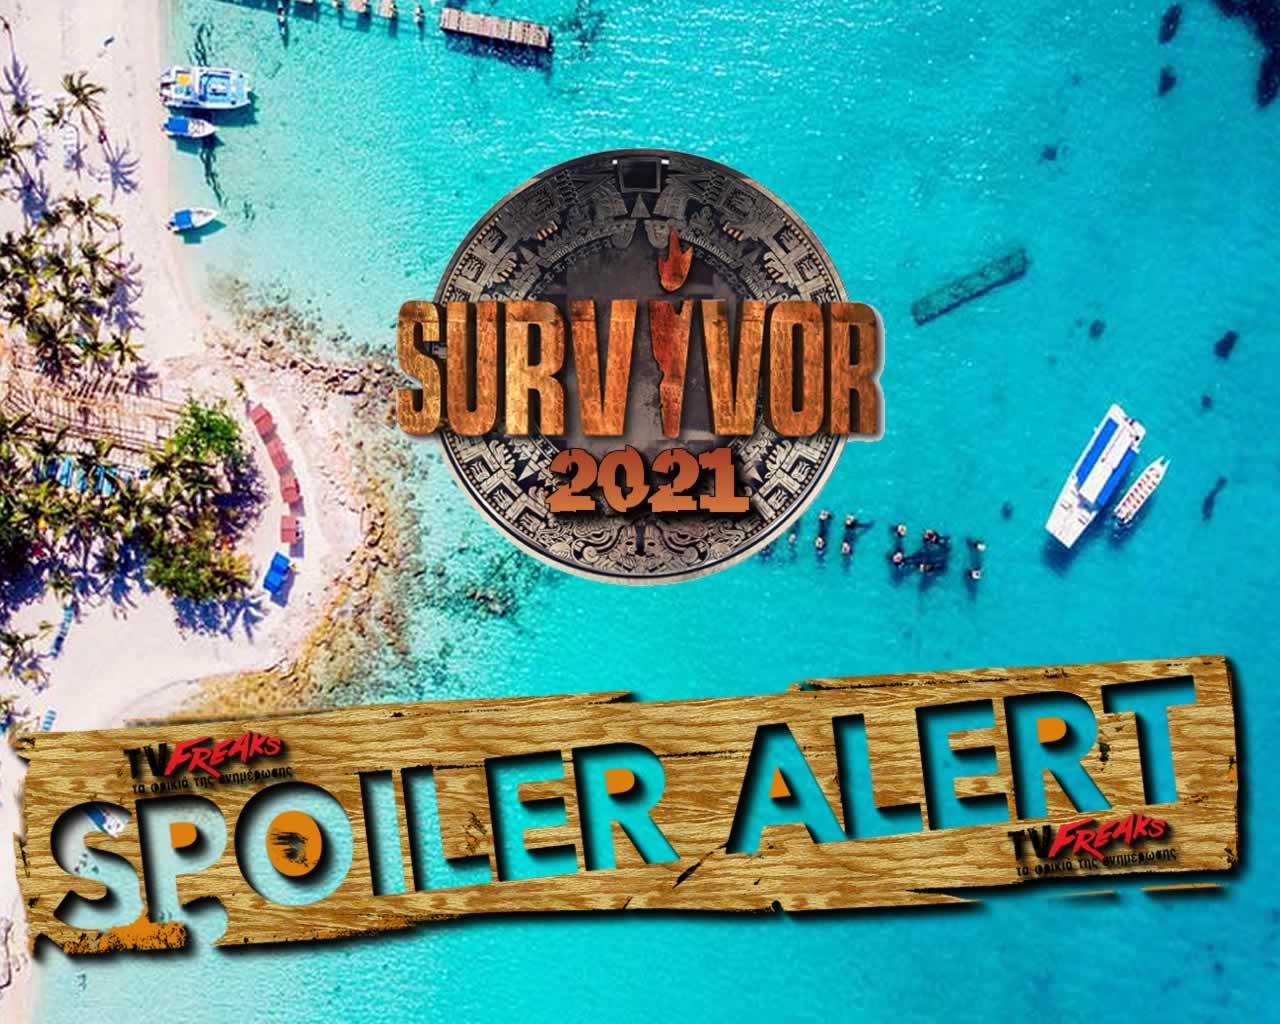 Survivor james, Survivor mariposa,Survivor, Survivor 2021, Survivor 4, SURVIVOR GREECE, SURVIVOR GREECE 2021, Survivor Spoiler, Survivor spoiler 6/2,Survivor Spoiler 6/2,Survivor διαρροή 6/2, Survivor ασυλία, survivor διαρροή 6/2, ειδησεις, ειδήσεις σημερα